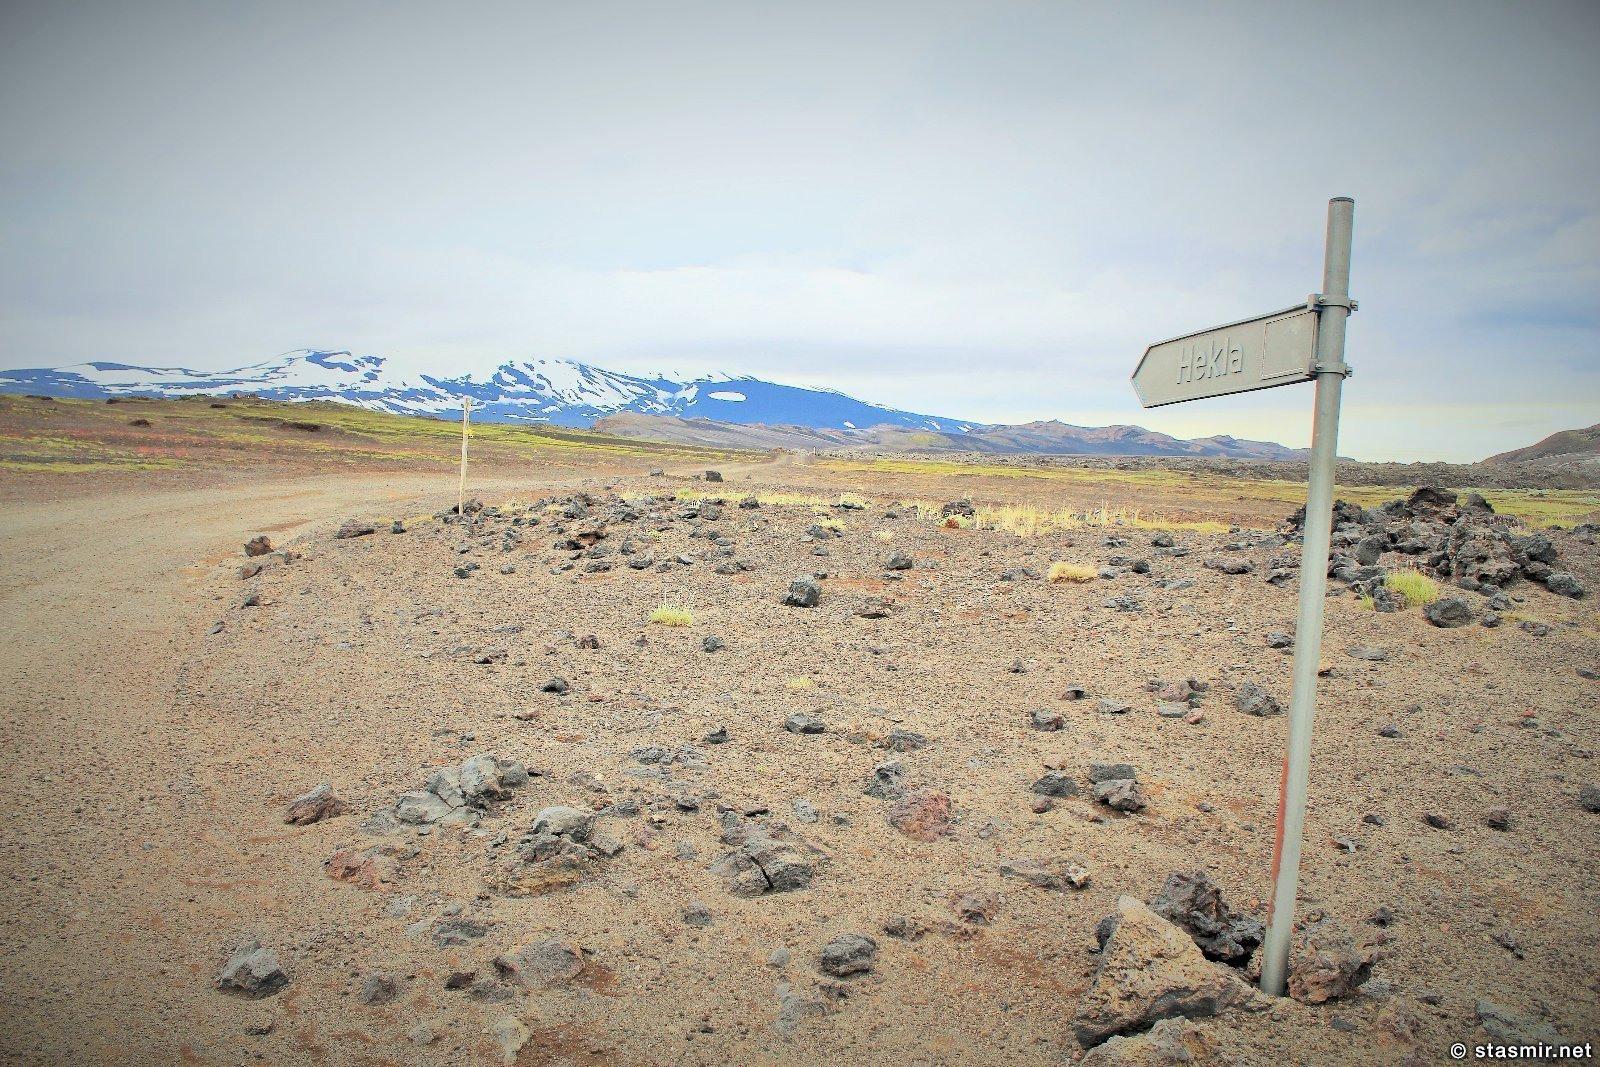 вулканическая пустыня у вулкана Гегла, исландские дорожные знаки, указатели в Исландии, маршрут Ландманналёйгар, Ландманналаугар, Landmannalaugar, Icelandic road signs, фото Стасмир, photo Stasmir